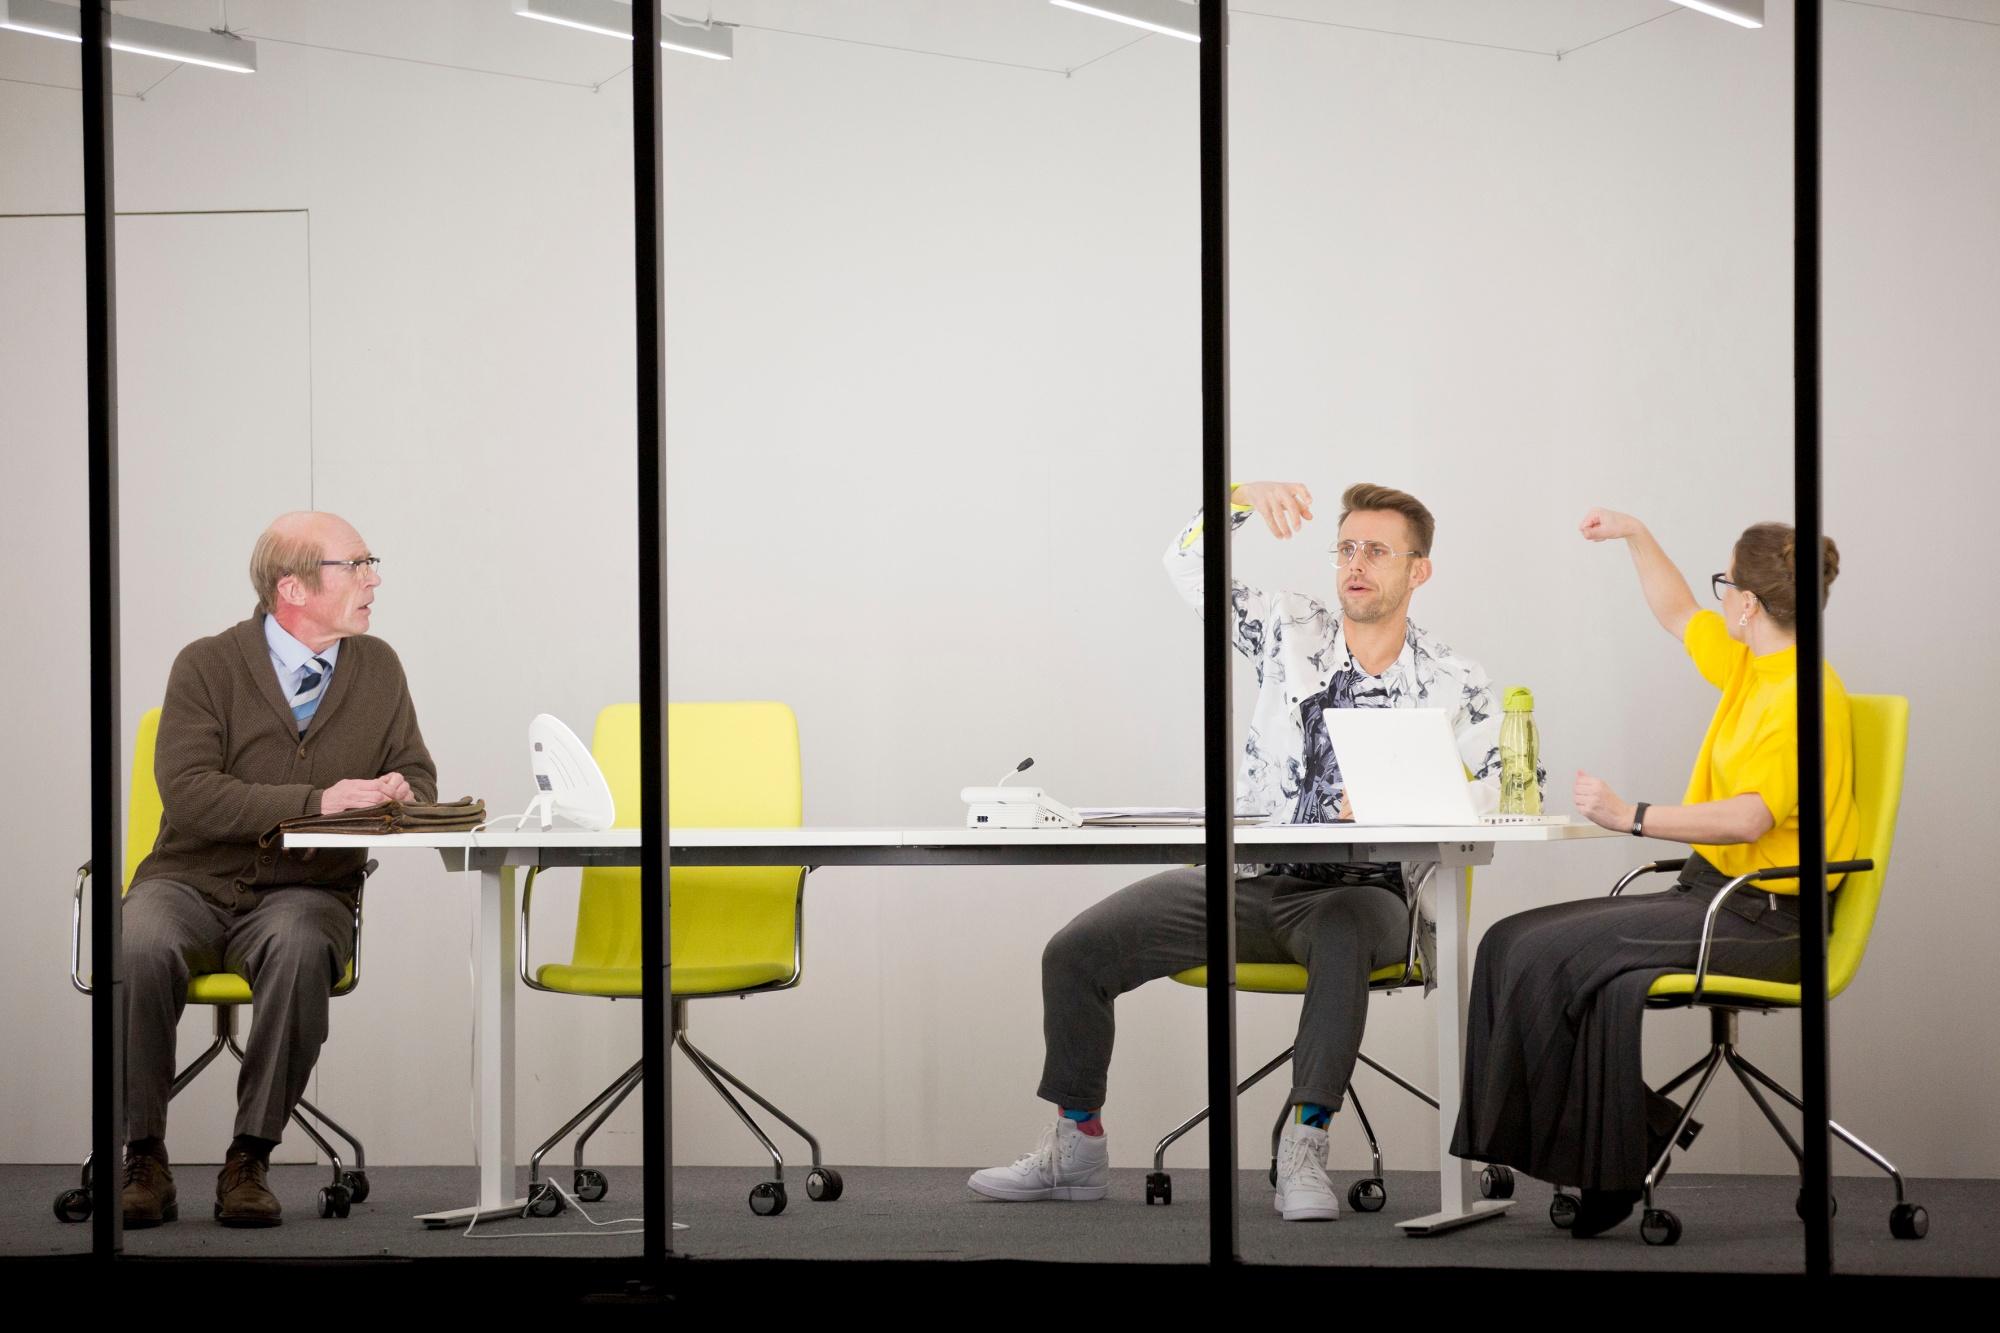 Raine (Pentti Korhonen) työhaastattelussa, tenttaajina Jimi (Antti Launonen) ja Jannica (Anne Syysmaa)